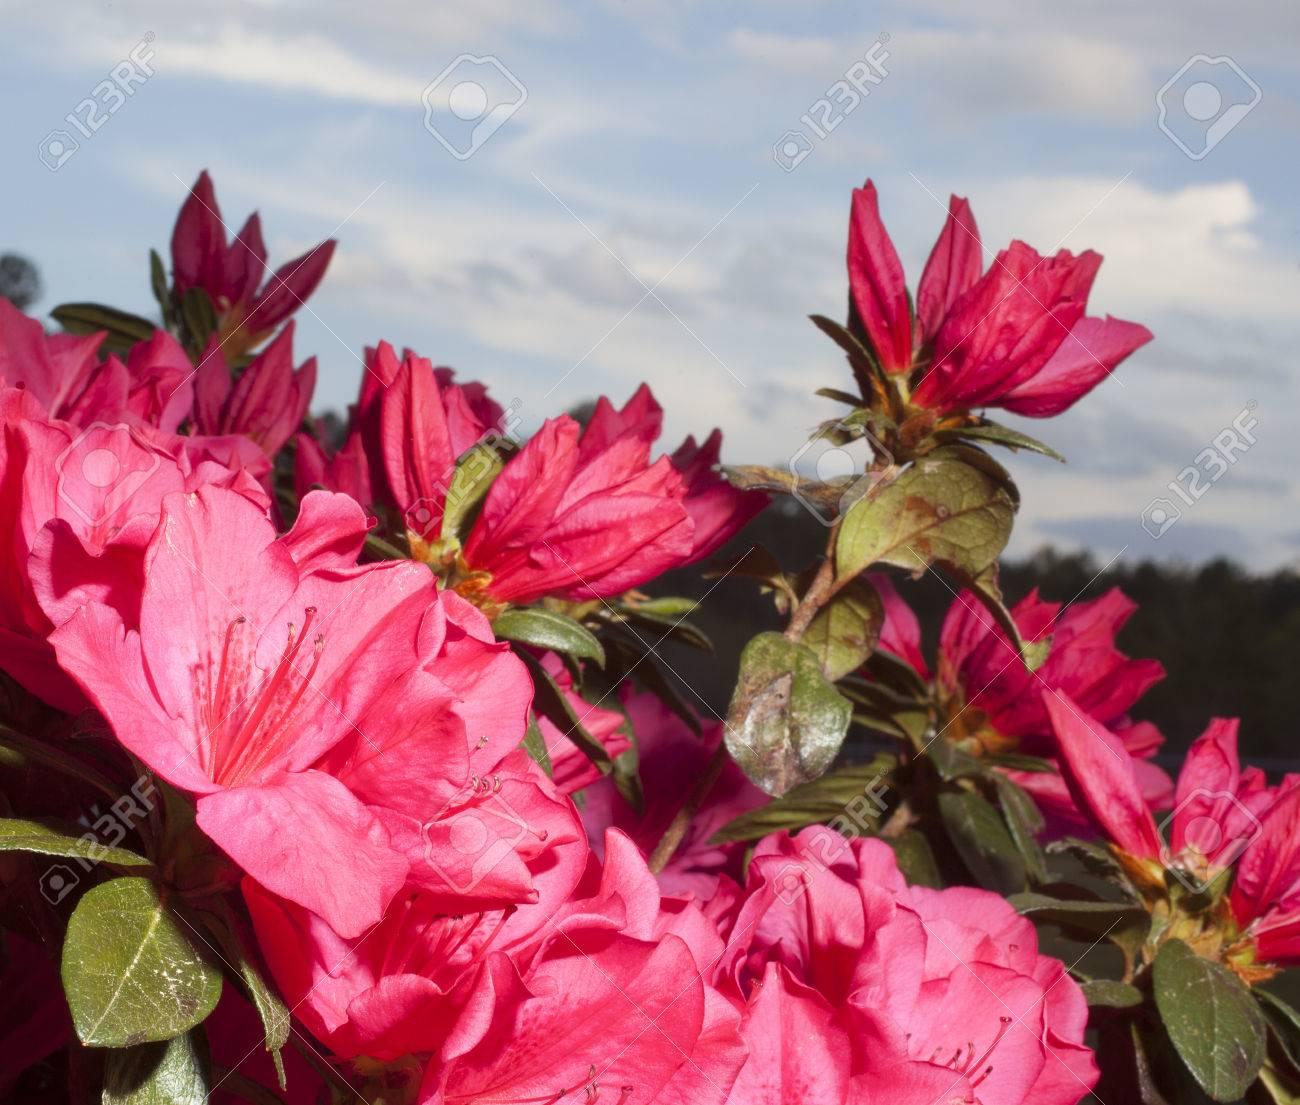 Deep pink flowers on an azalea in the early spring stock photo deep pink flowers on an azalea in the early spring stock photo 56871532 mightylinksfo